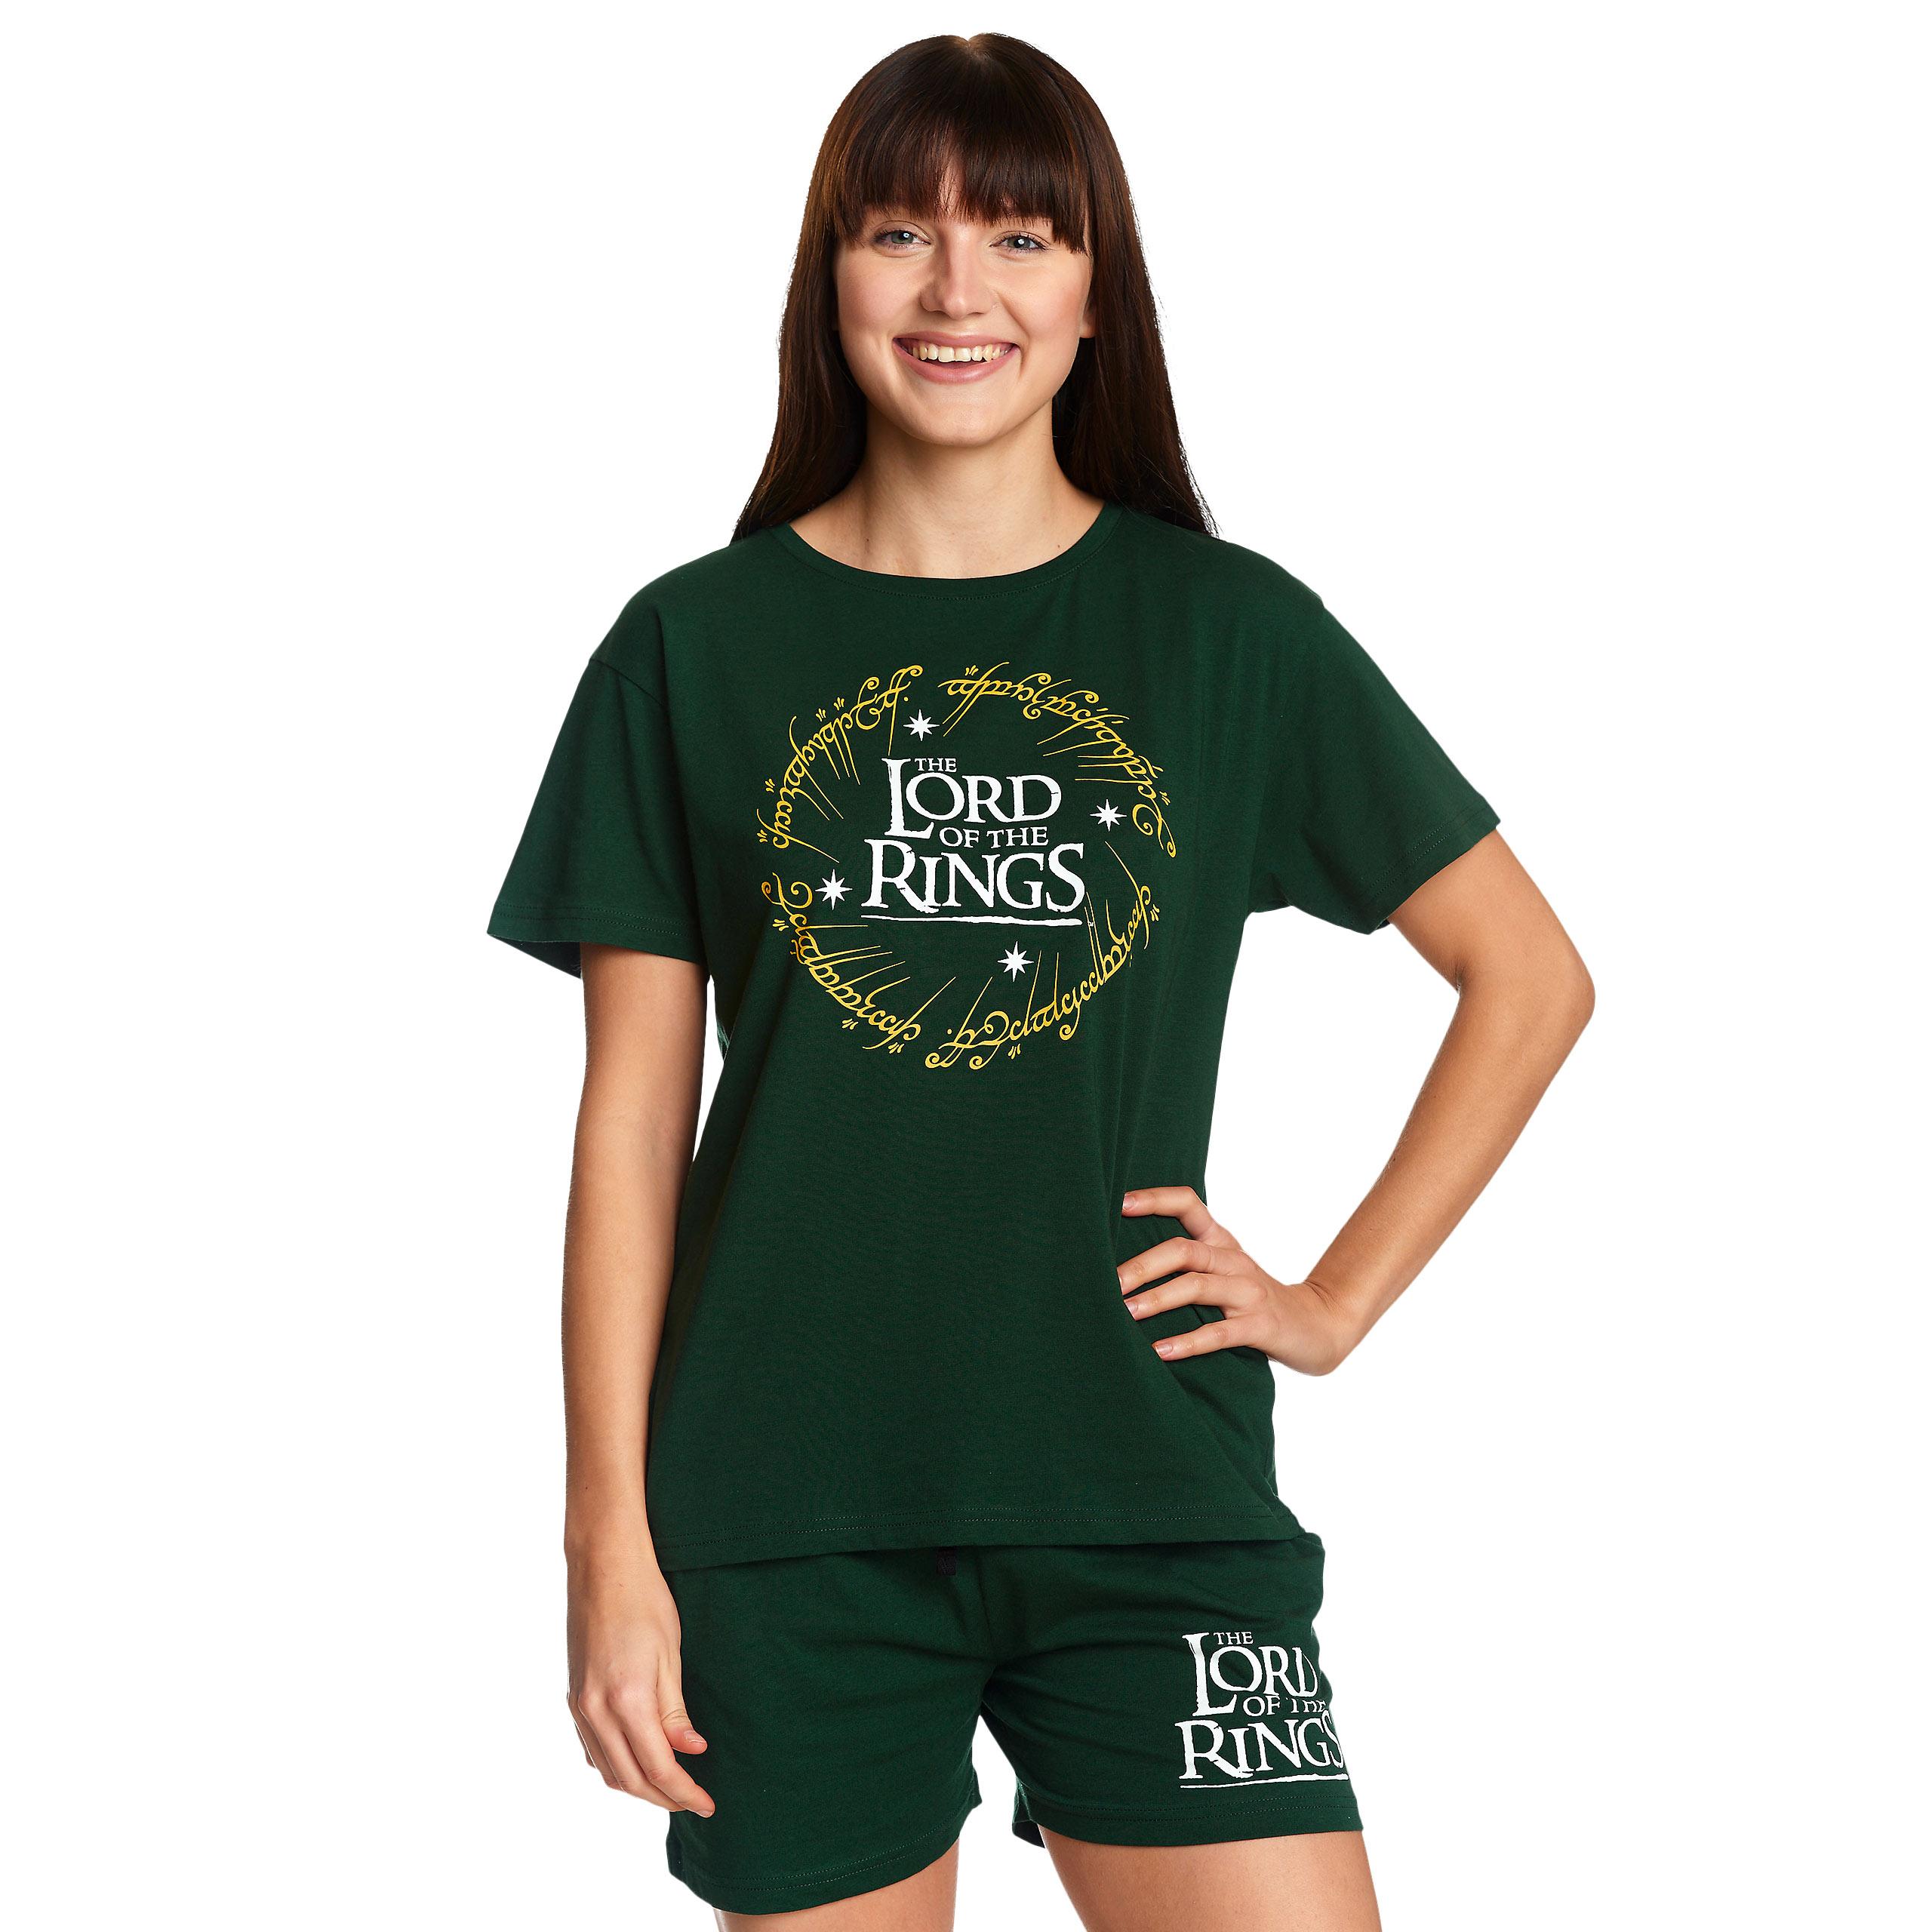 Herr der Ringe - Der Eine Ring Pyjama kurz Damen grün